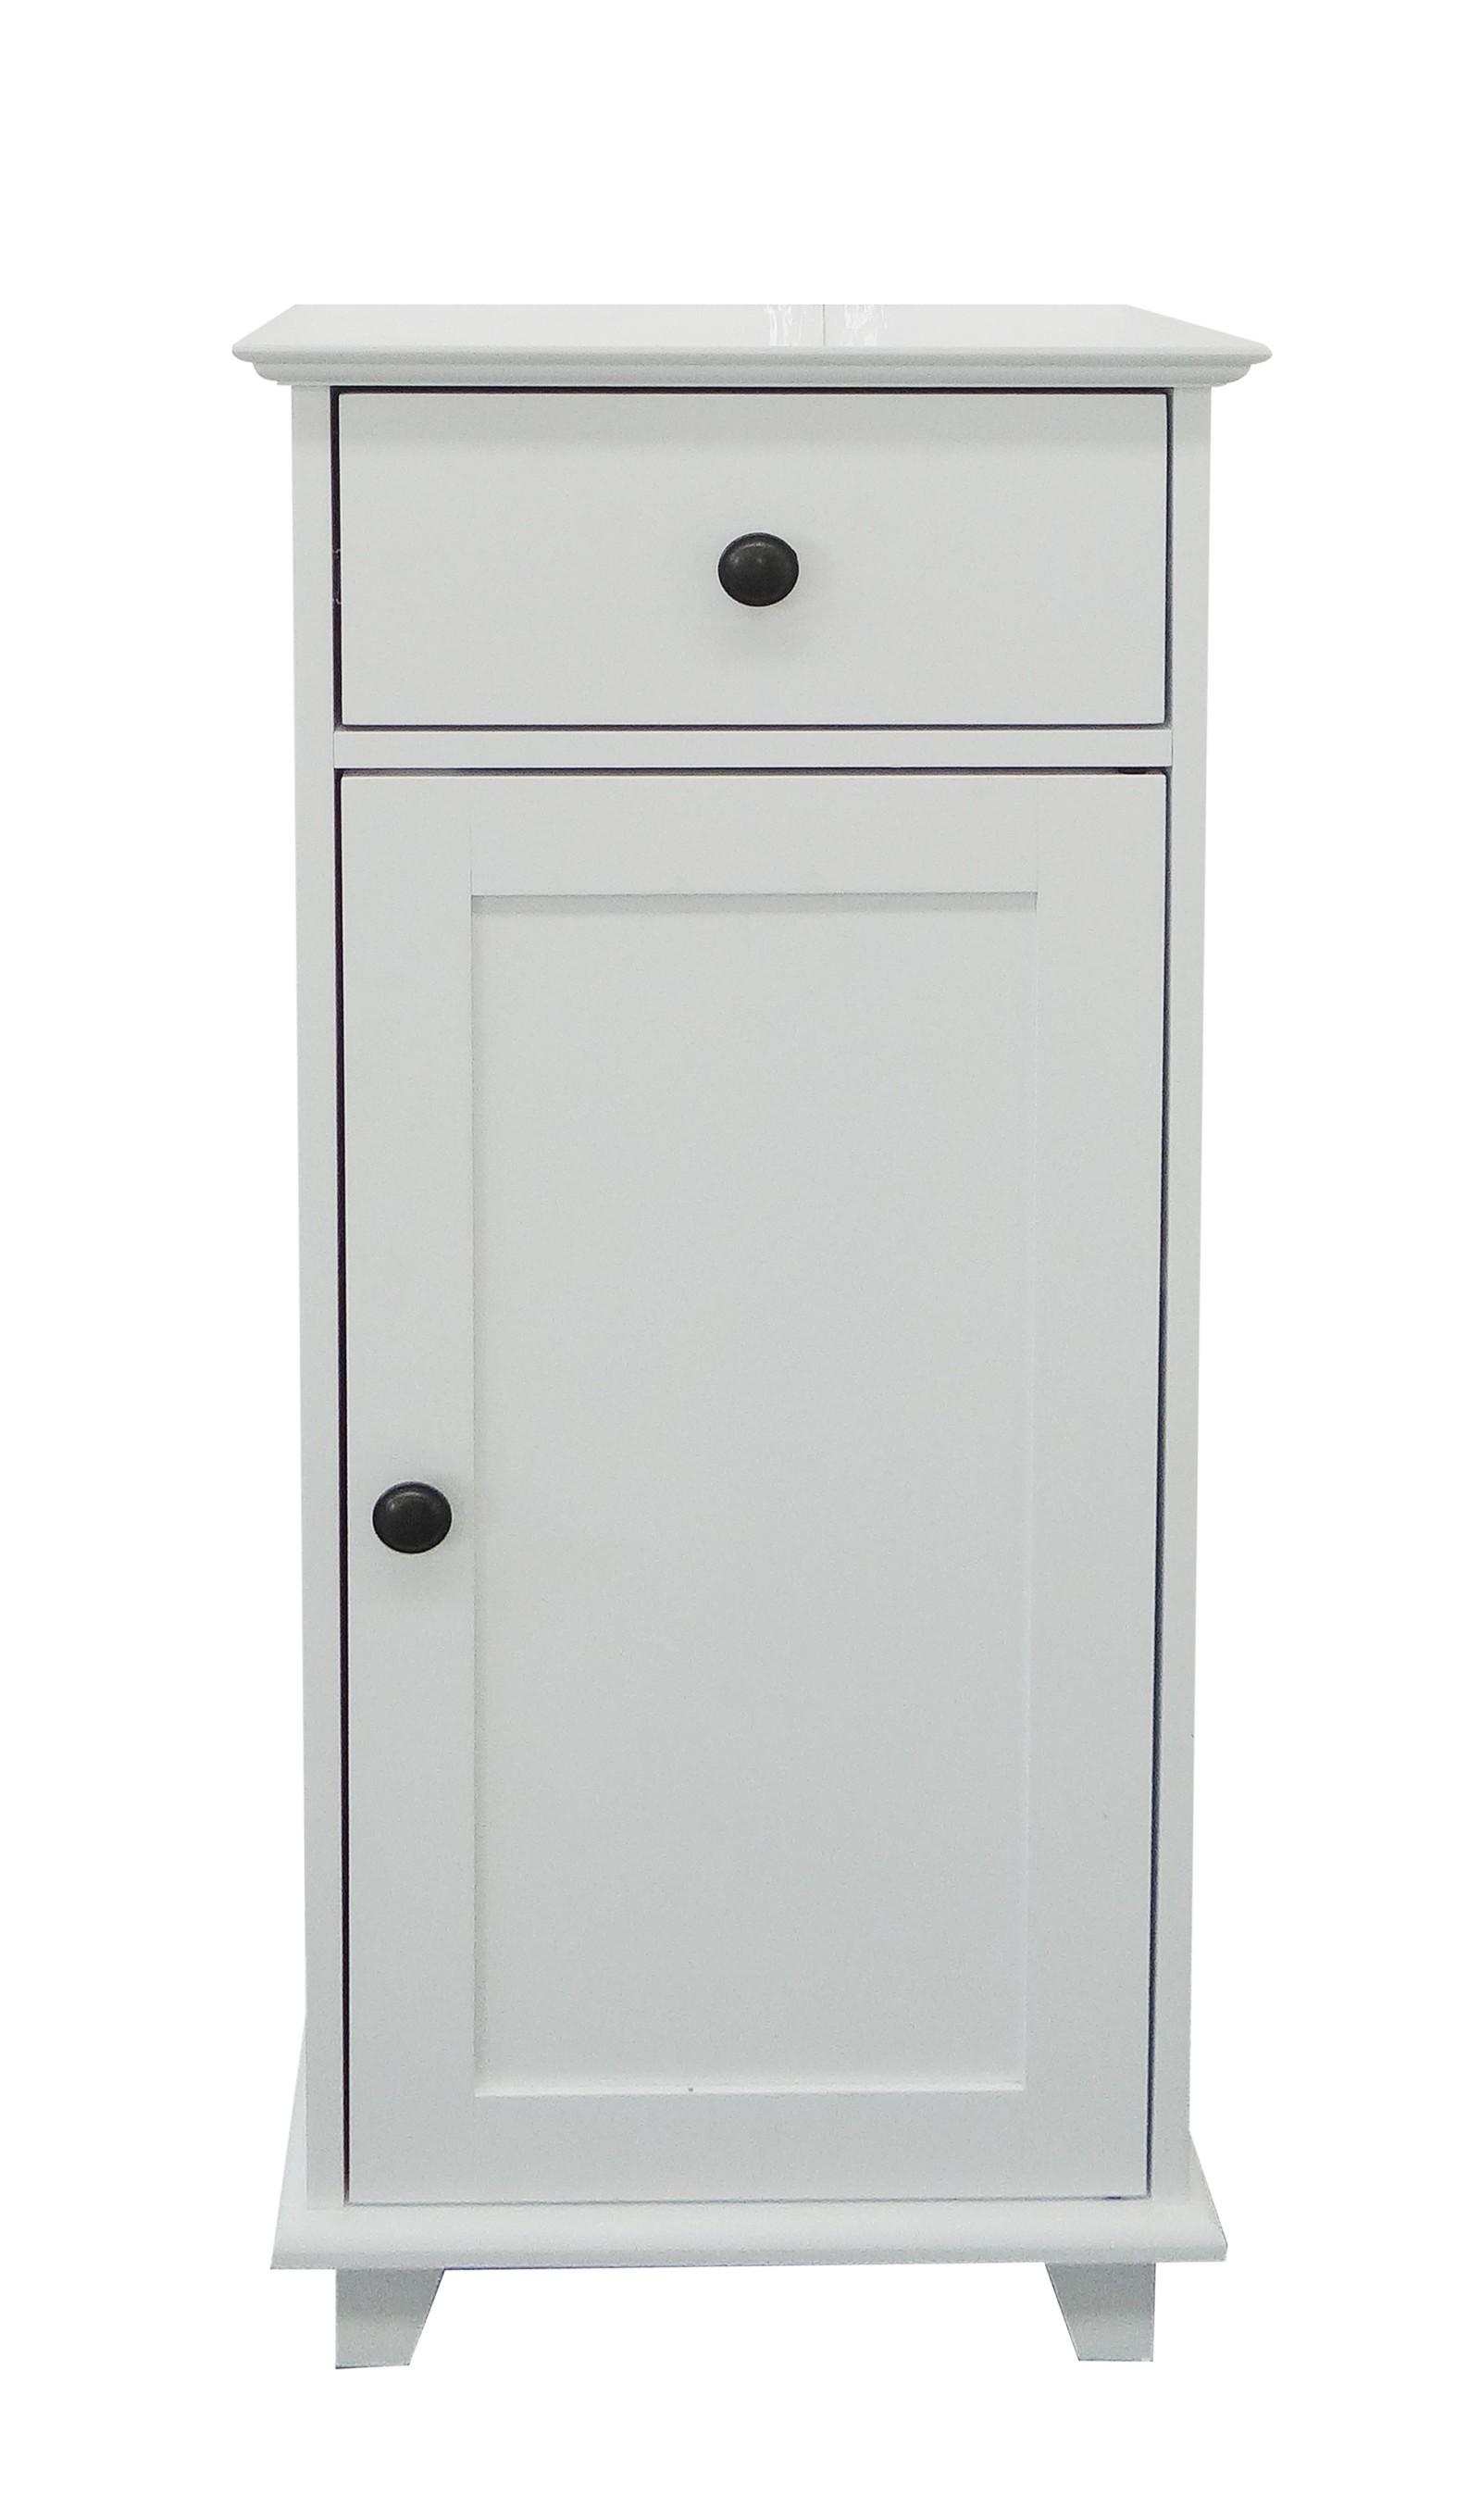 badschrank weiss badschrank midi wei hochglanz u wohndesign attraktiv badezimmer ideen bathroom. Black Bedroom Furniture Sets. Home Design Ideas